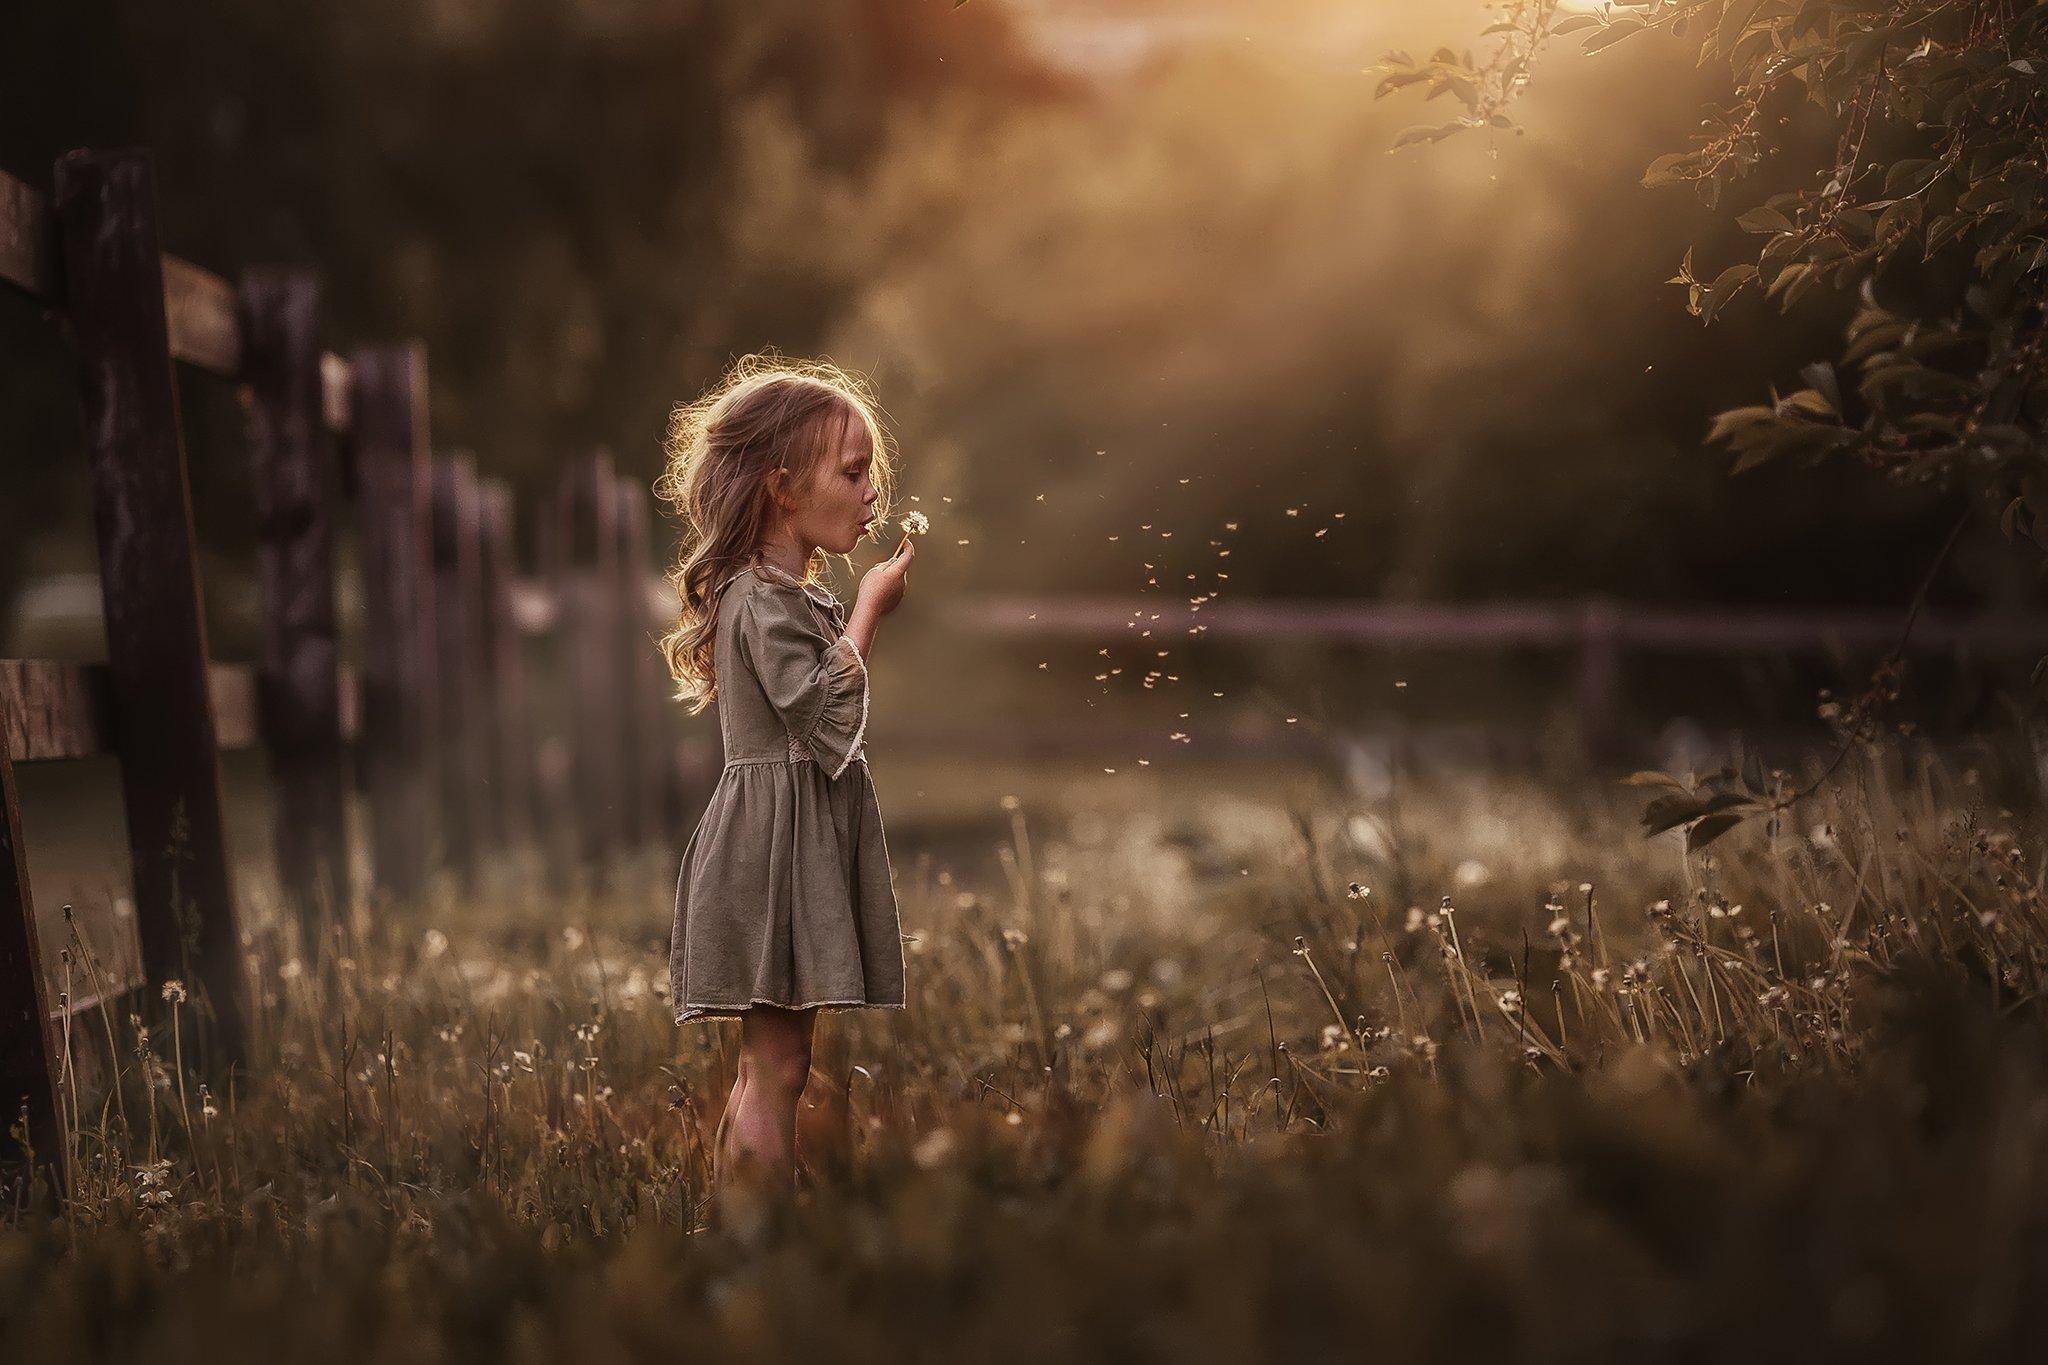 лето, одуванчики, поле, луг, девочка, ребенок, детство, закат, москва, Марина Петра